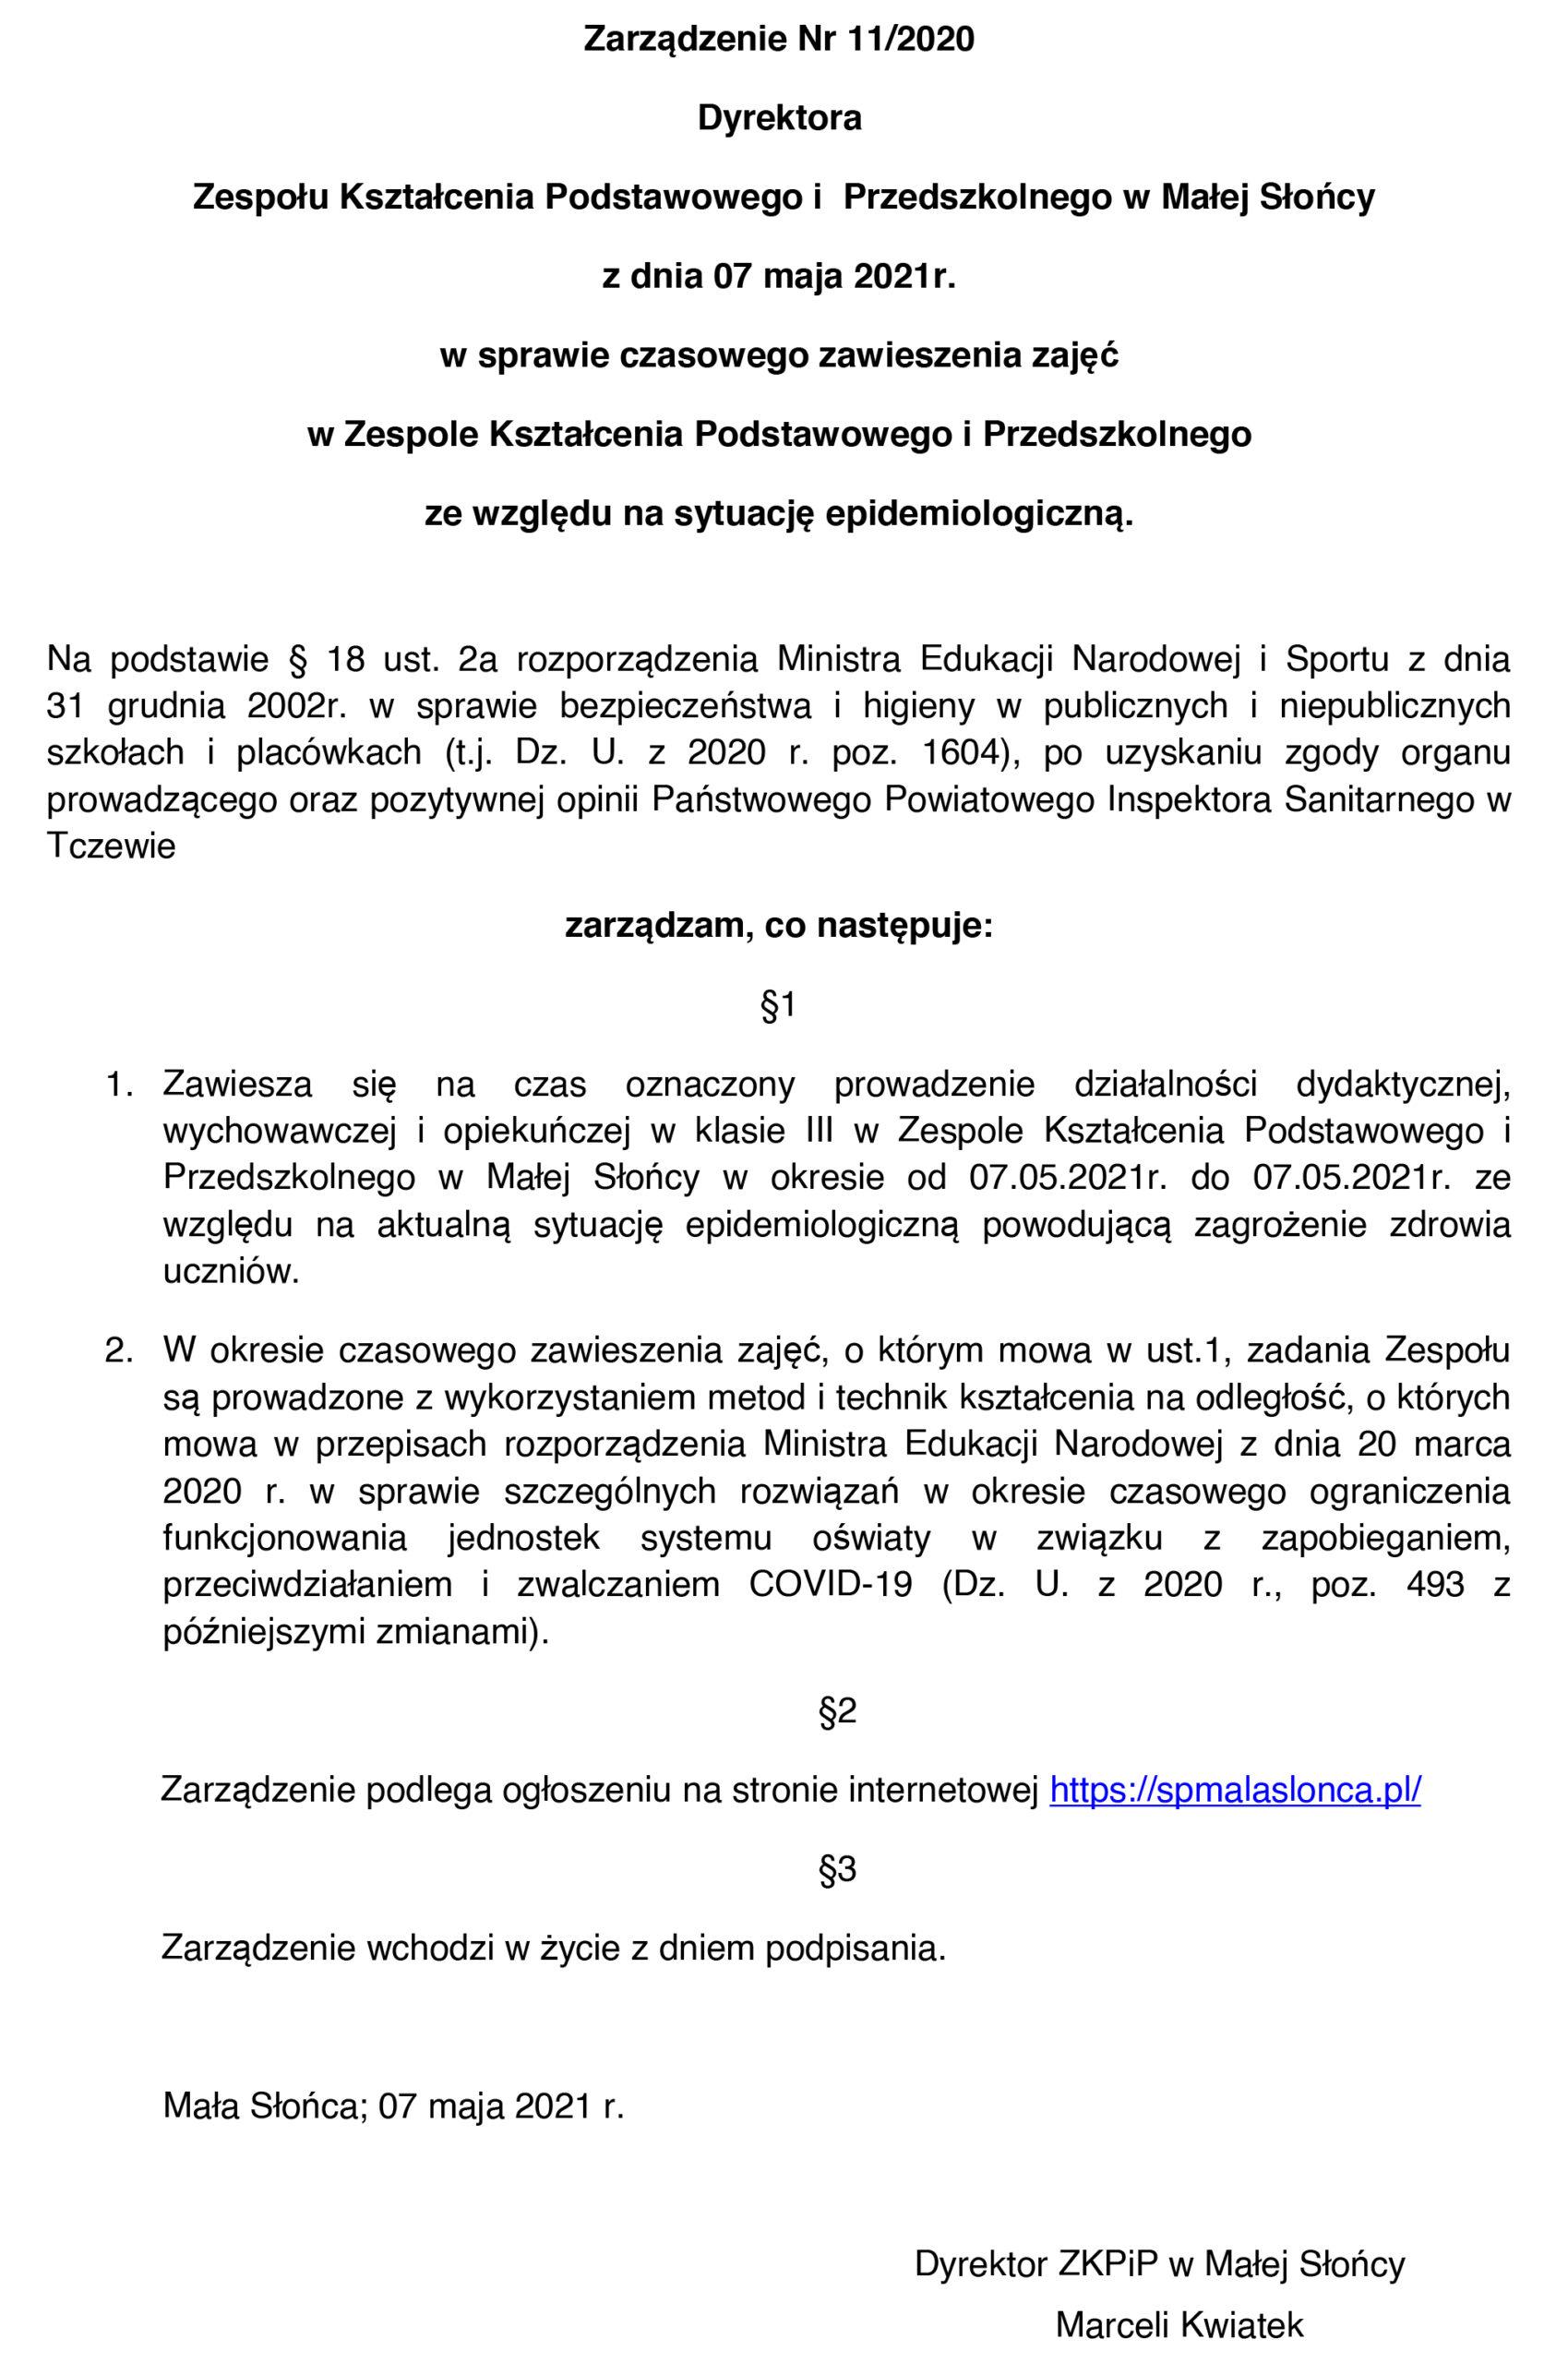 Zarządzenie Nr 11/2020 Dyrektora Zespołu Kształcenia Podstawowego i Przedszkolnego w Małej Słońcy z dnia 07 maja 2021r. w sprawie czasowego zawieszenia zajęć w Zespole Kształcenia Podstawowego i Przedszkolnego ze względu na sytuację epidemiologiczną.